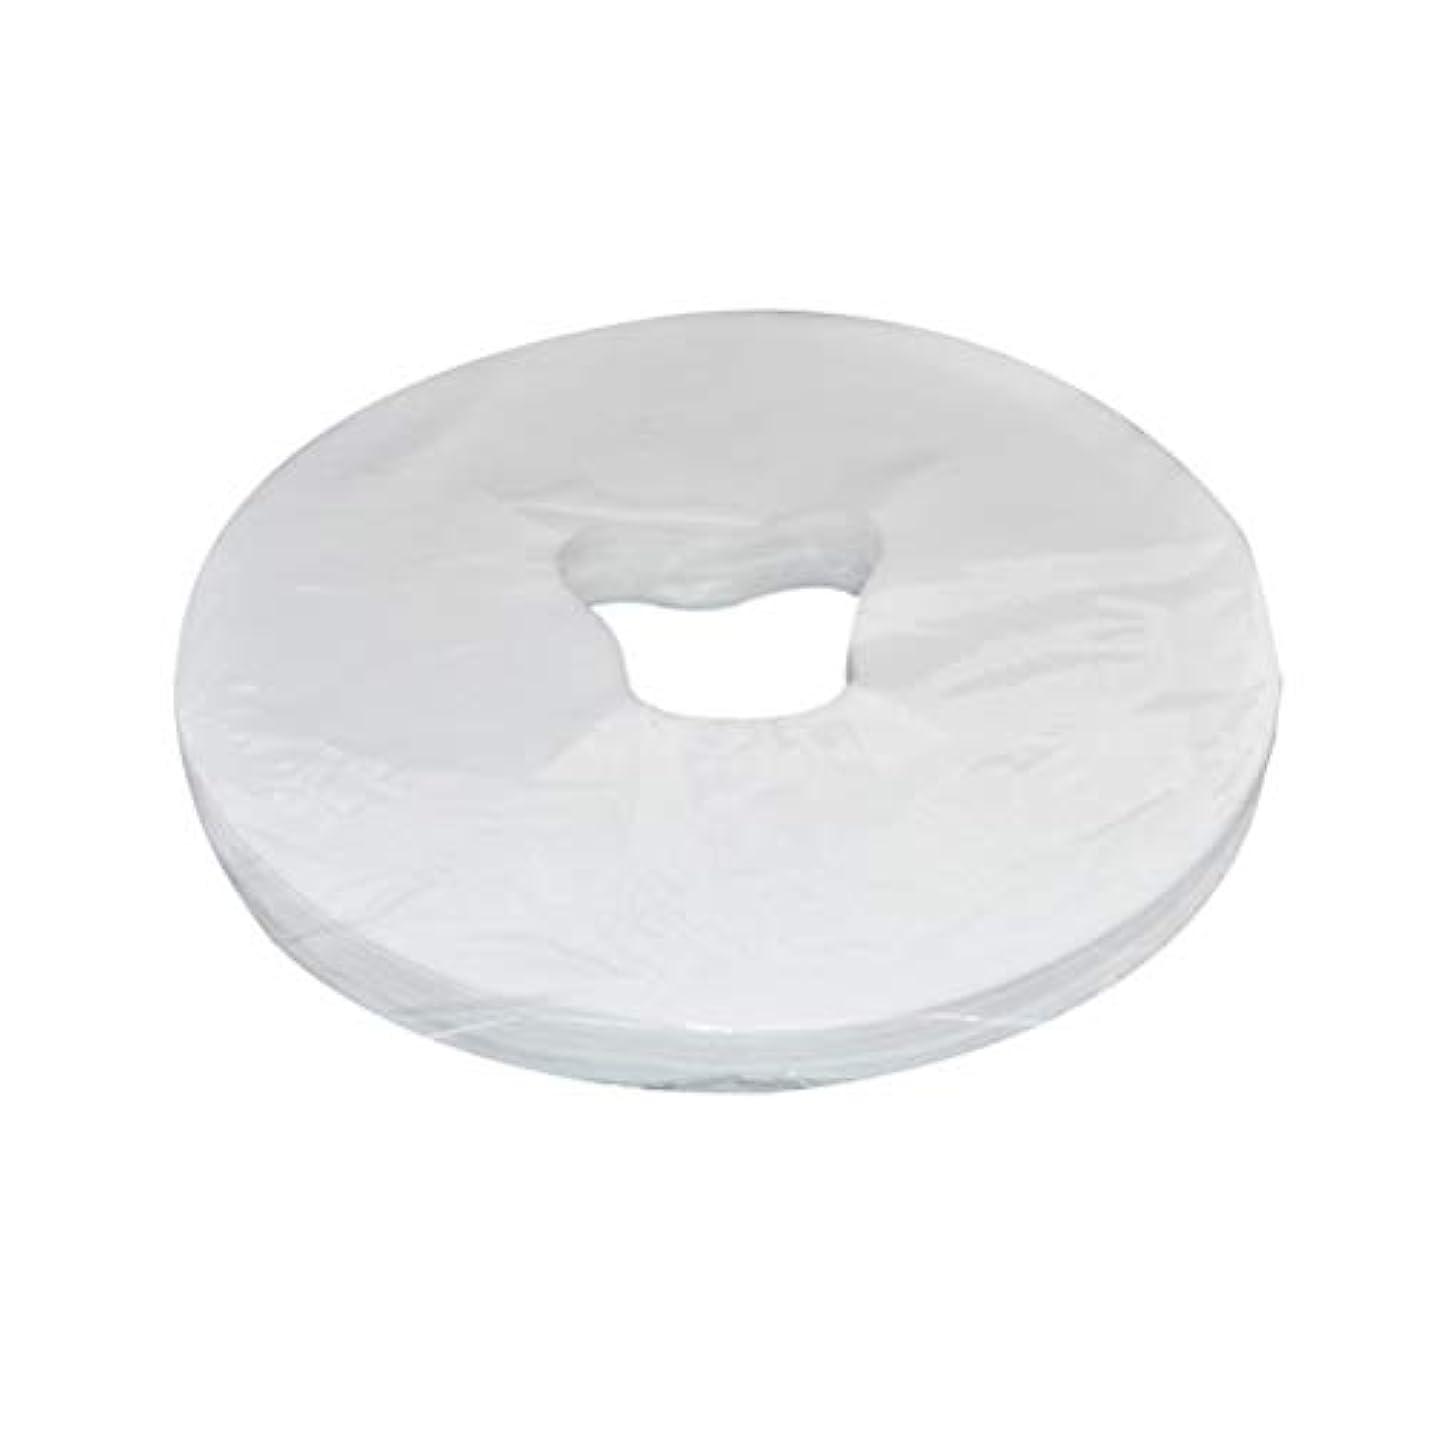 一時停止生むペイントSUPVOX 100シートマッサージフェイスレストカバー使い捨てフェイスクレードルカバーマッサージヘッドレストカバーSPA美容院マッサージタトゥーホテルマットレスカバー29×28 cm(ホワイト)